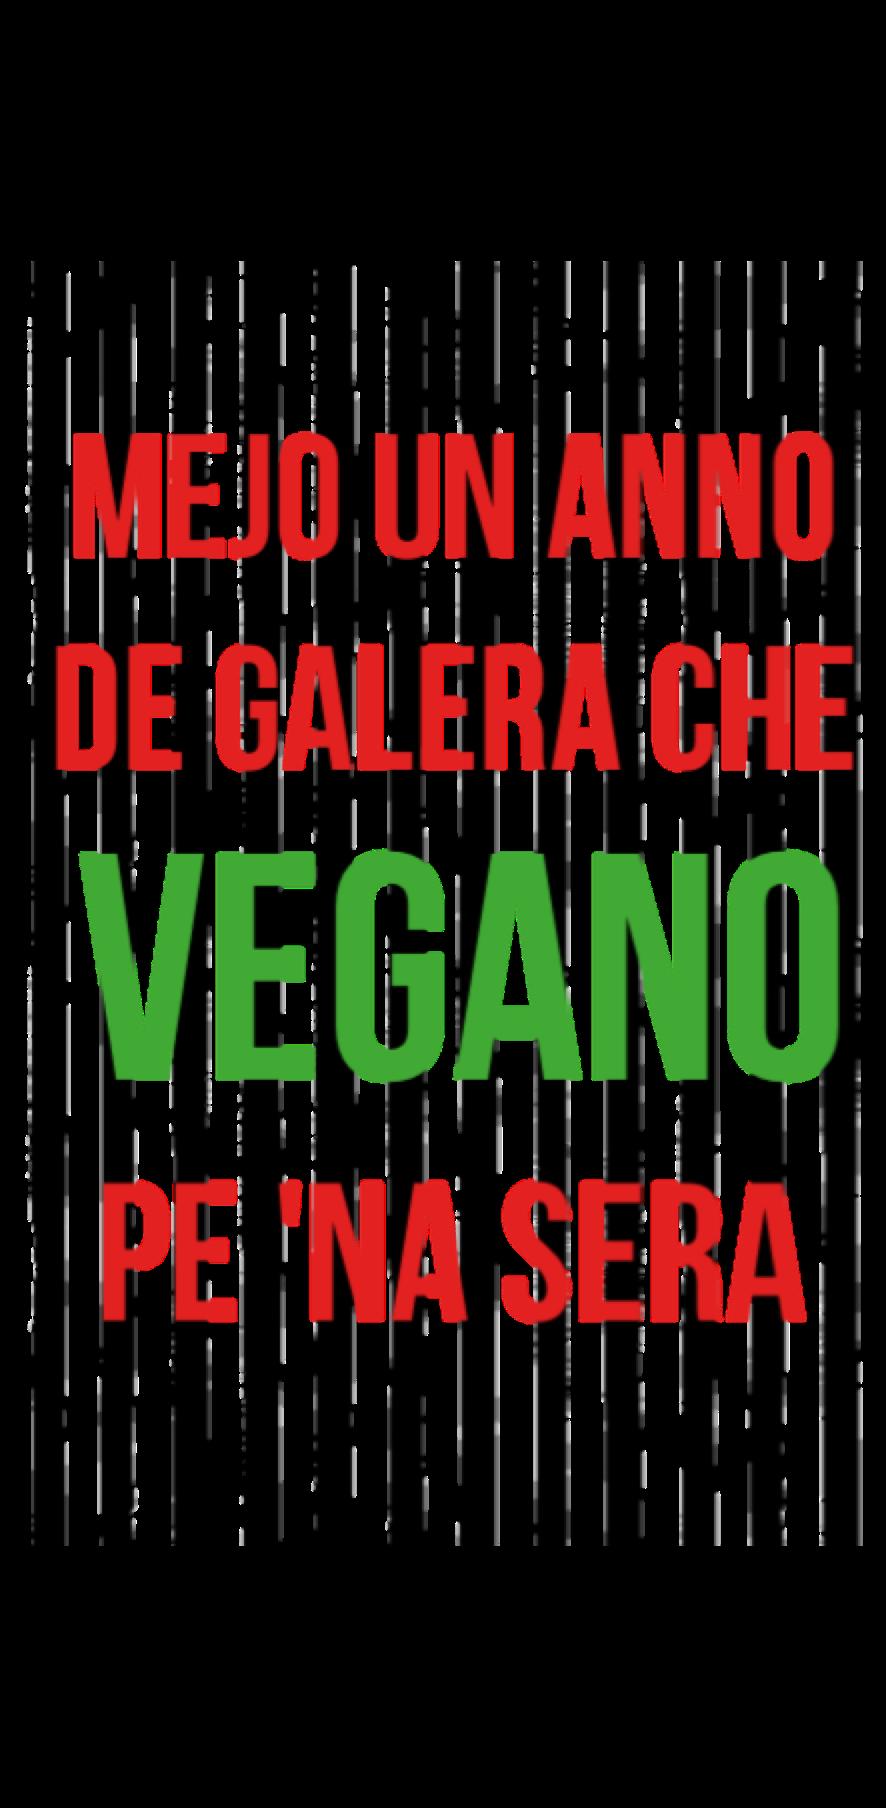 cover MEJO UN ANNO DE GALERA CHE...